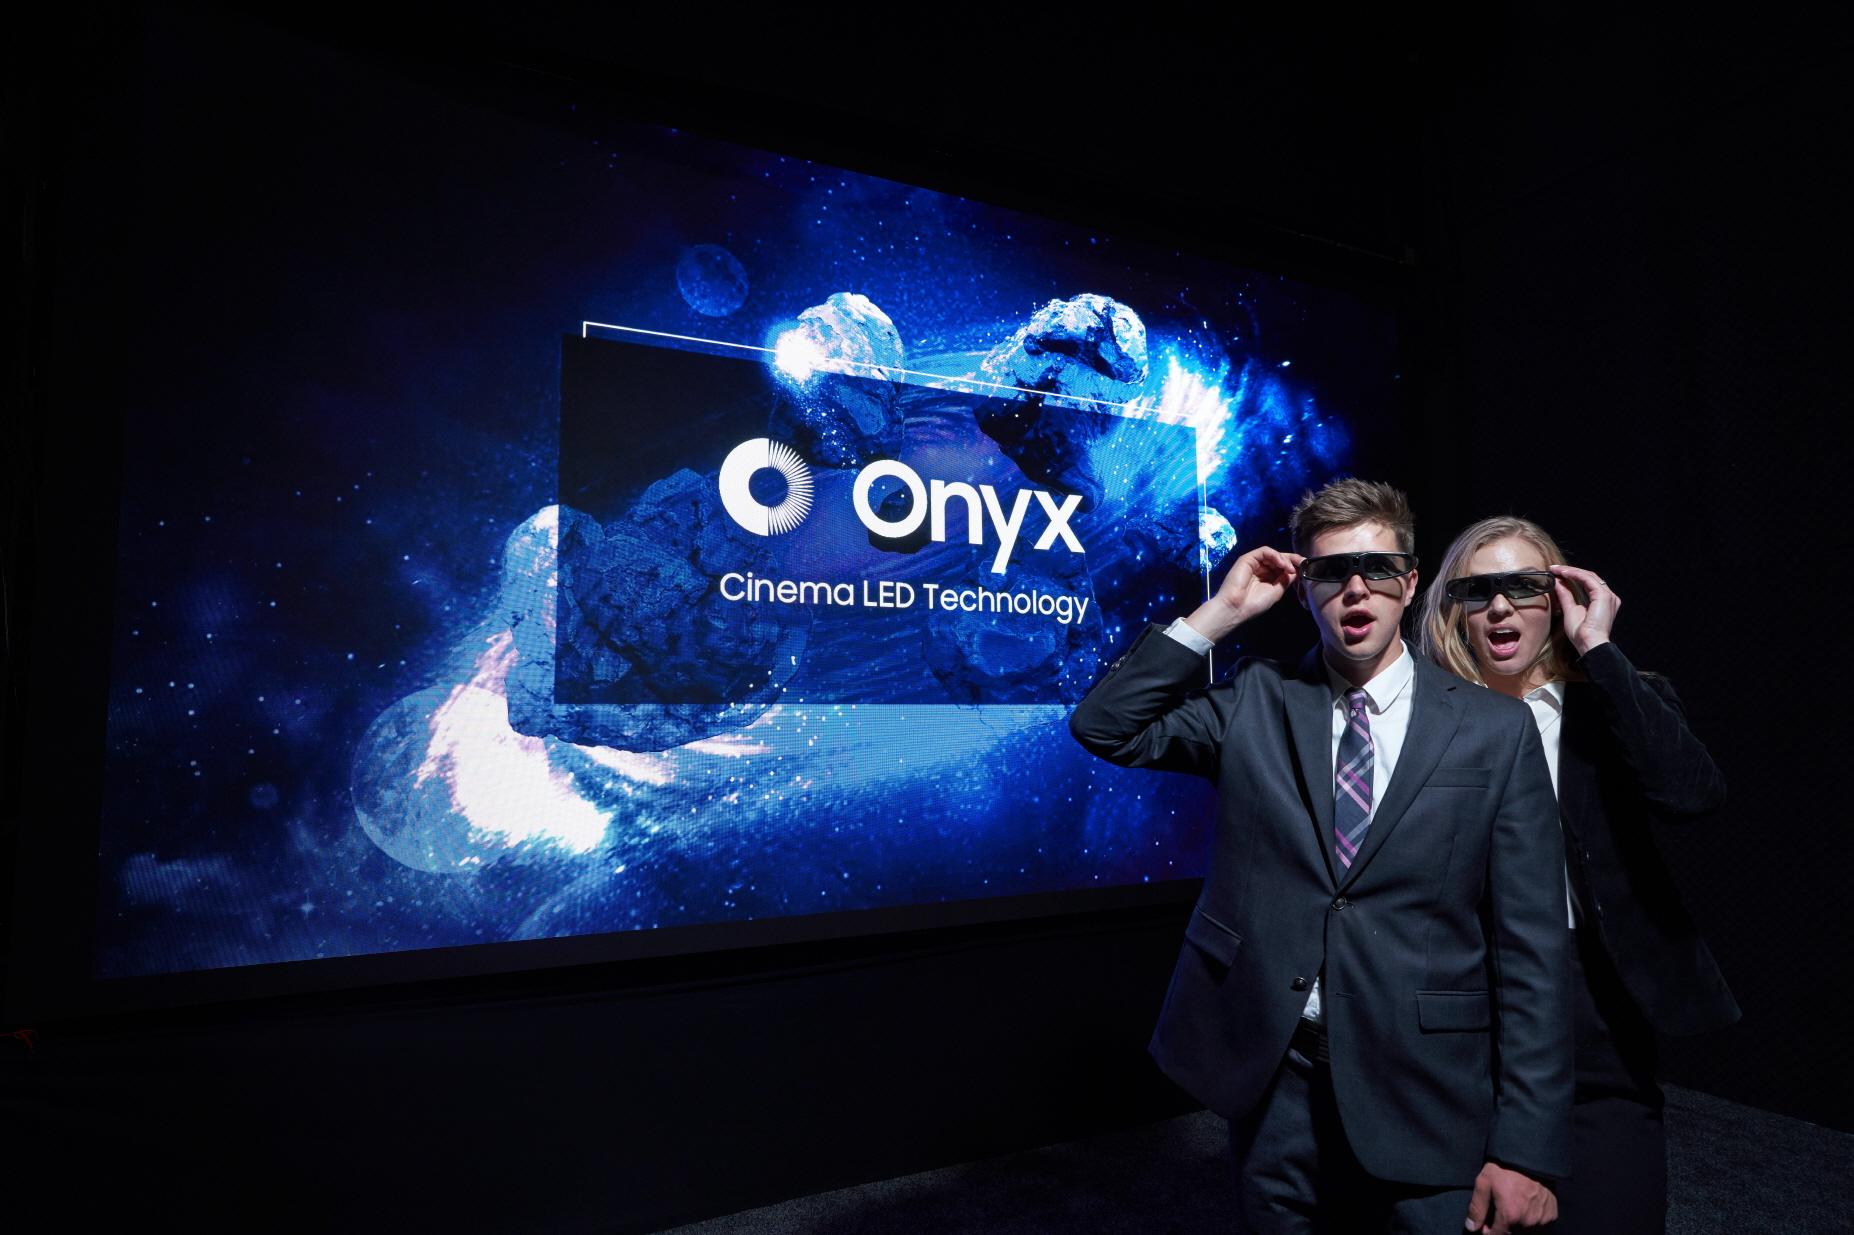 ▲ 삼성전자가 24일(현지시간)부터 3일간 미국 라스베이거스에서 열리는 세계 최대 영화산업 박람회 '시네마콘(CinemaCon) 2018'에 참가해 삼성 시네마 LED의 신규 브랜드인 '오닉스(Onyx)'를 처음 소개하고, 앞으로 이 제품이 설치되는 상영관을 '오닉스'관으로 부르기로 했다.   '시네마콘 2018'의 삼성전자 부스에 설치한 '오닉스' 스크린 사진.